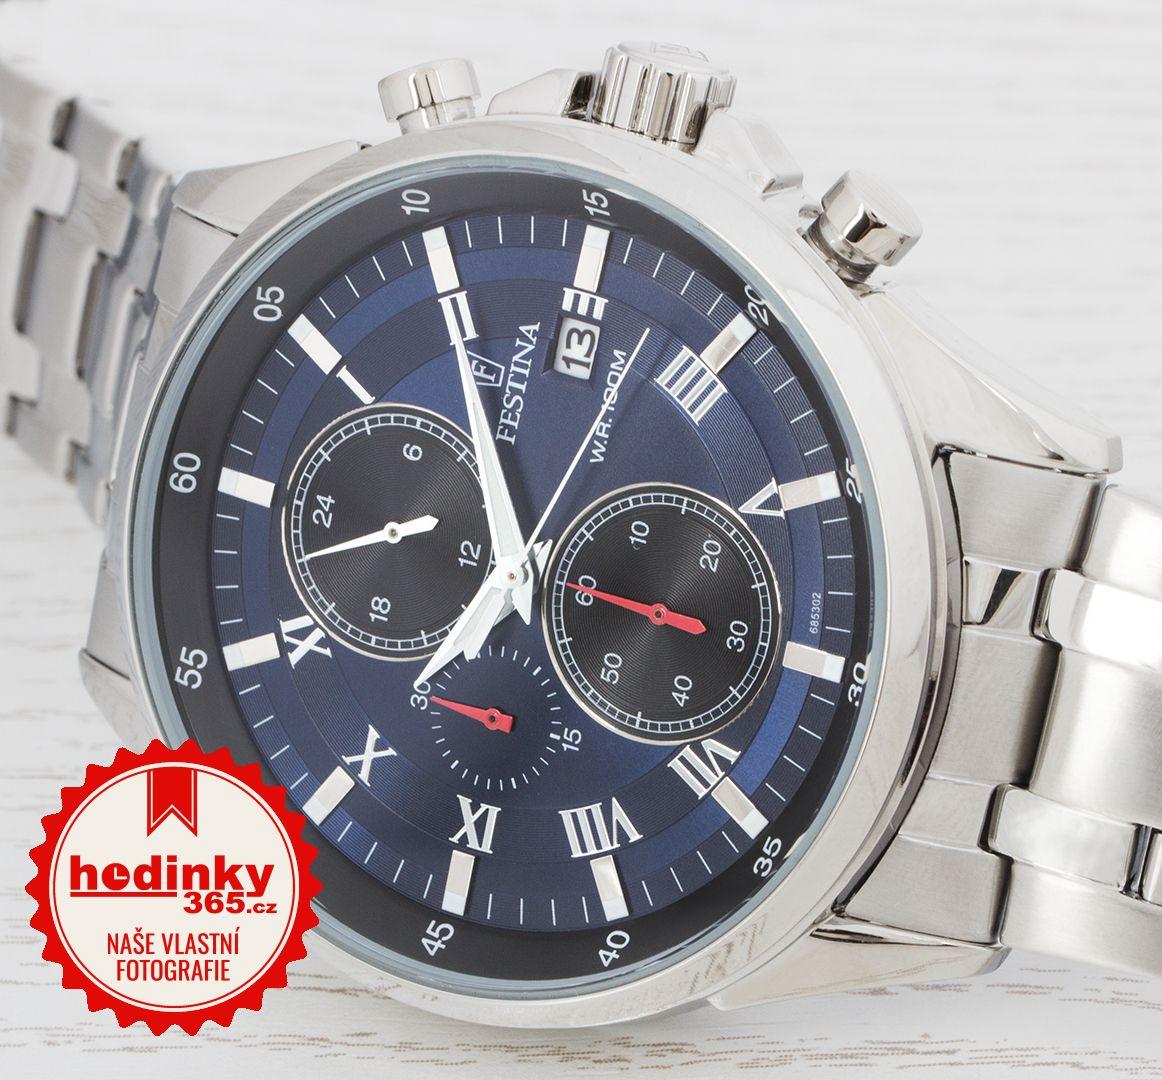 e9d49fa3f Festina Chronograph 6853/2. Pánske hodinky - ocelový remienok, ocel puzdro,  minerálne sklíčko. Všetky technické parametre nájdete nižšie